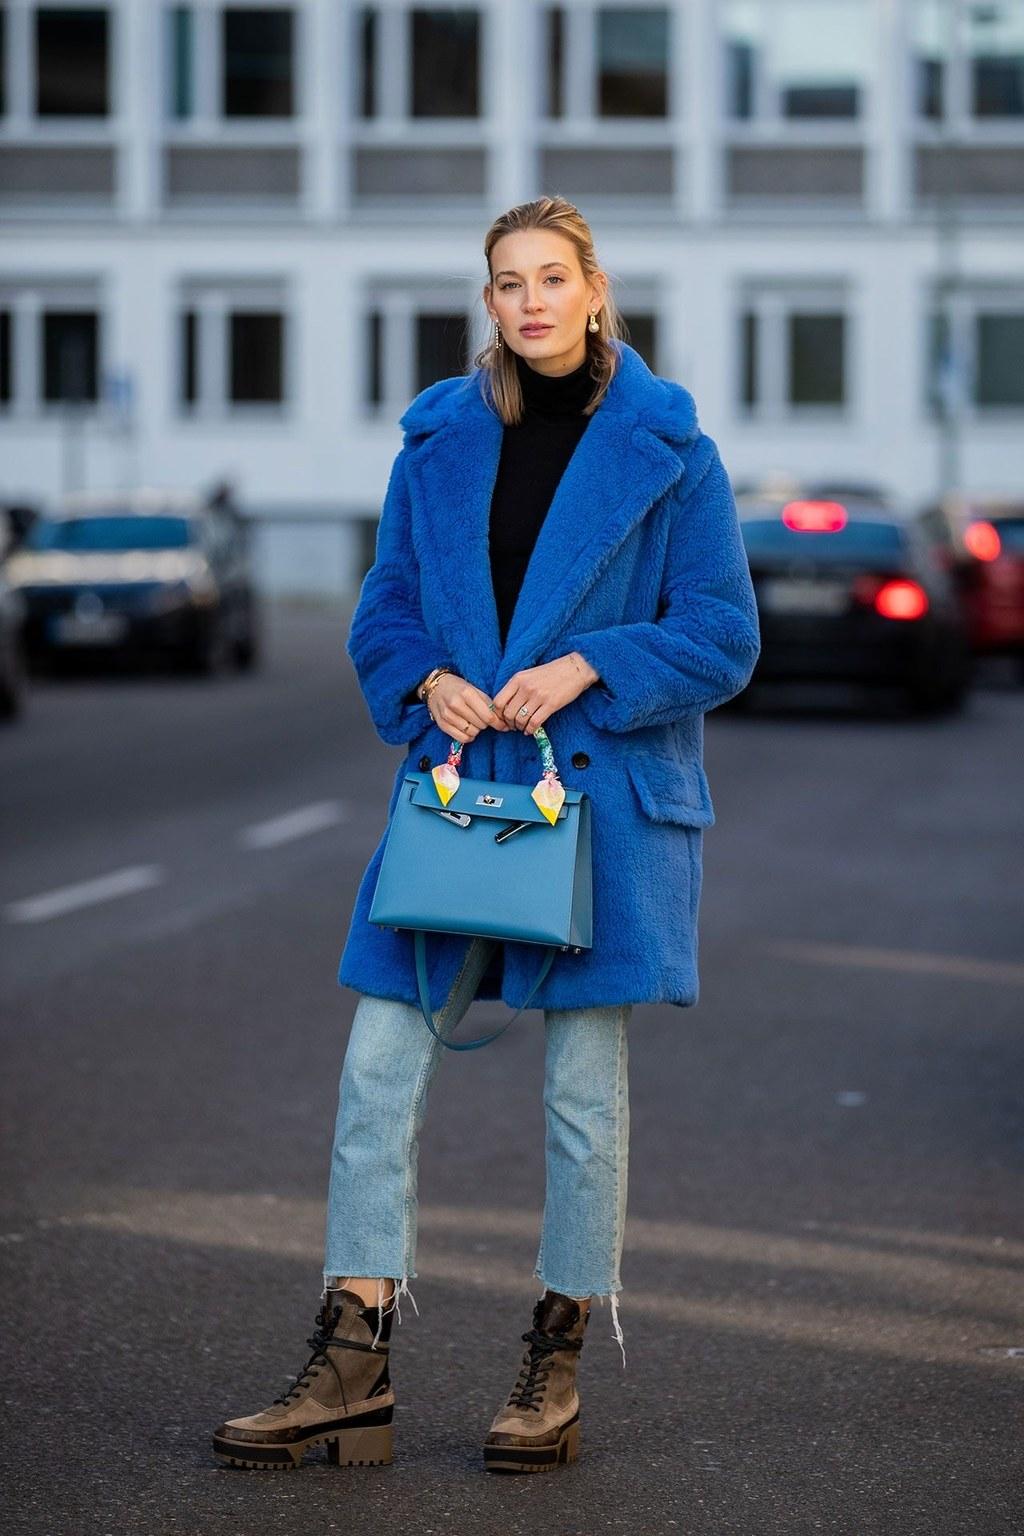 Blazer classic blue cùng jeans rộng